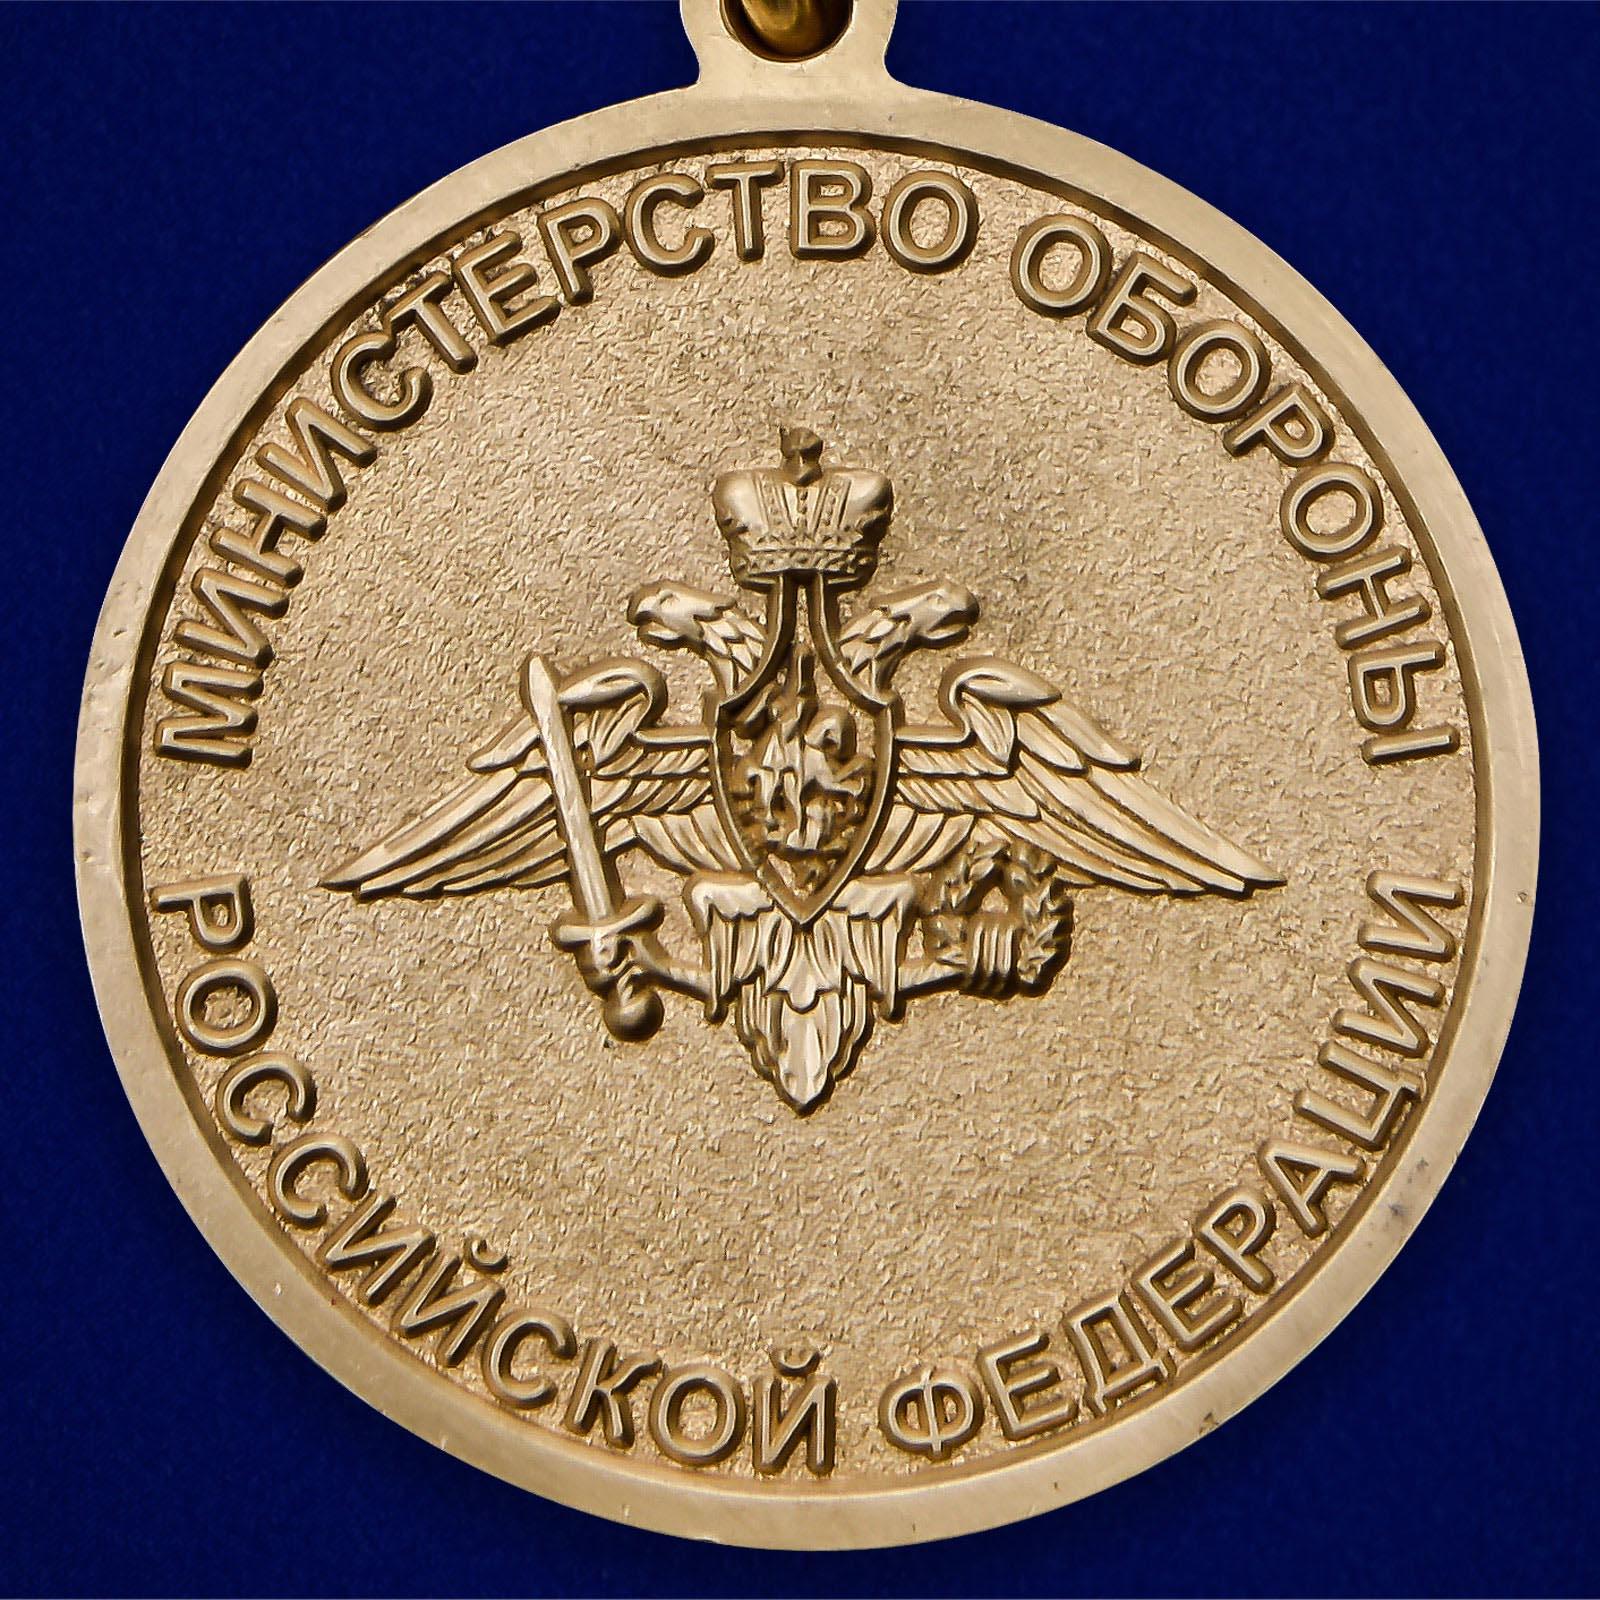 Памятная медаль Главный маршал артиллерии Неделин